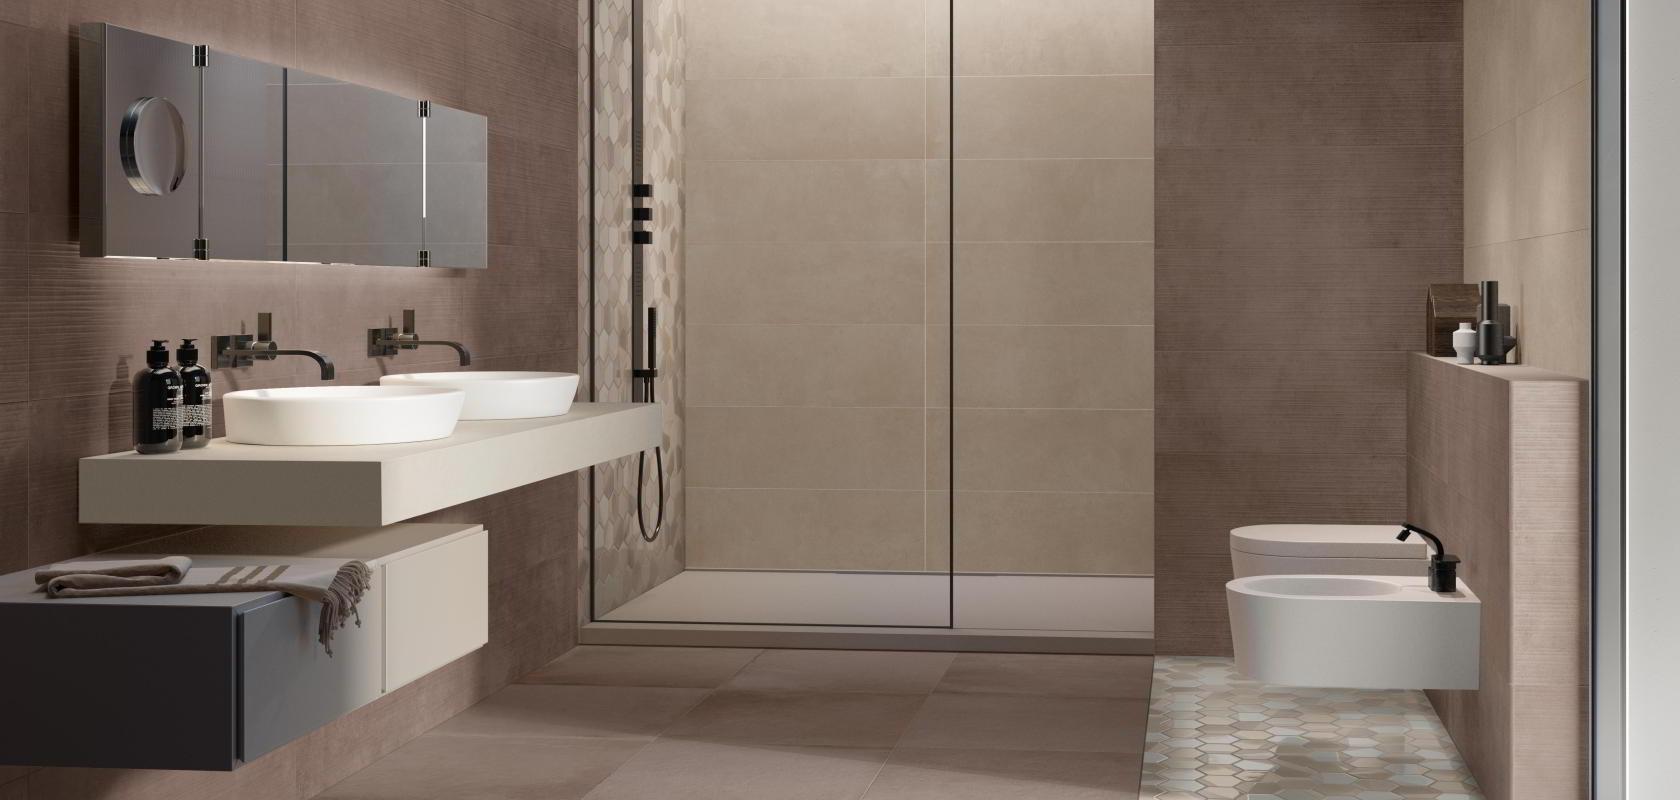 Cirelli arredo bagno idee creative di interni e mobili for Cirelli arredo bagno